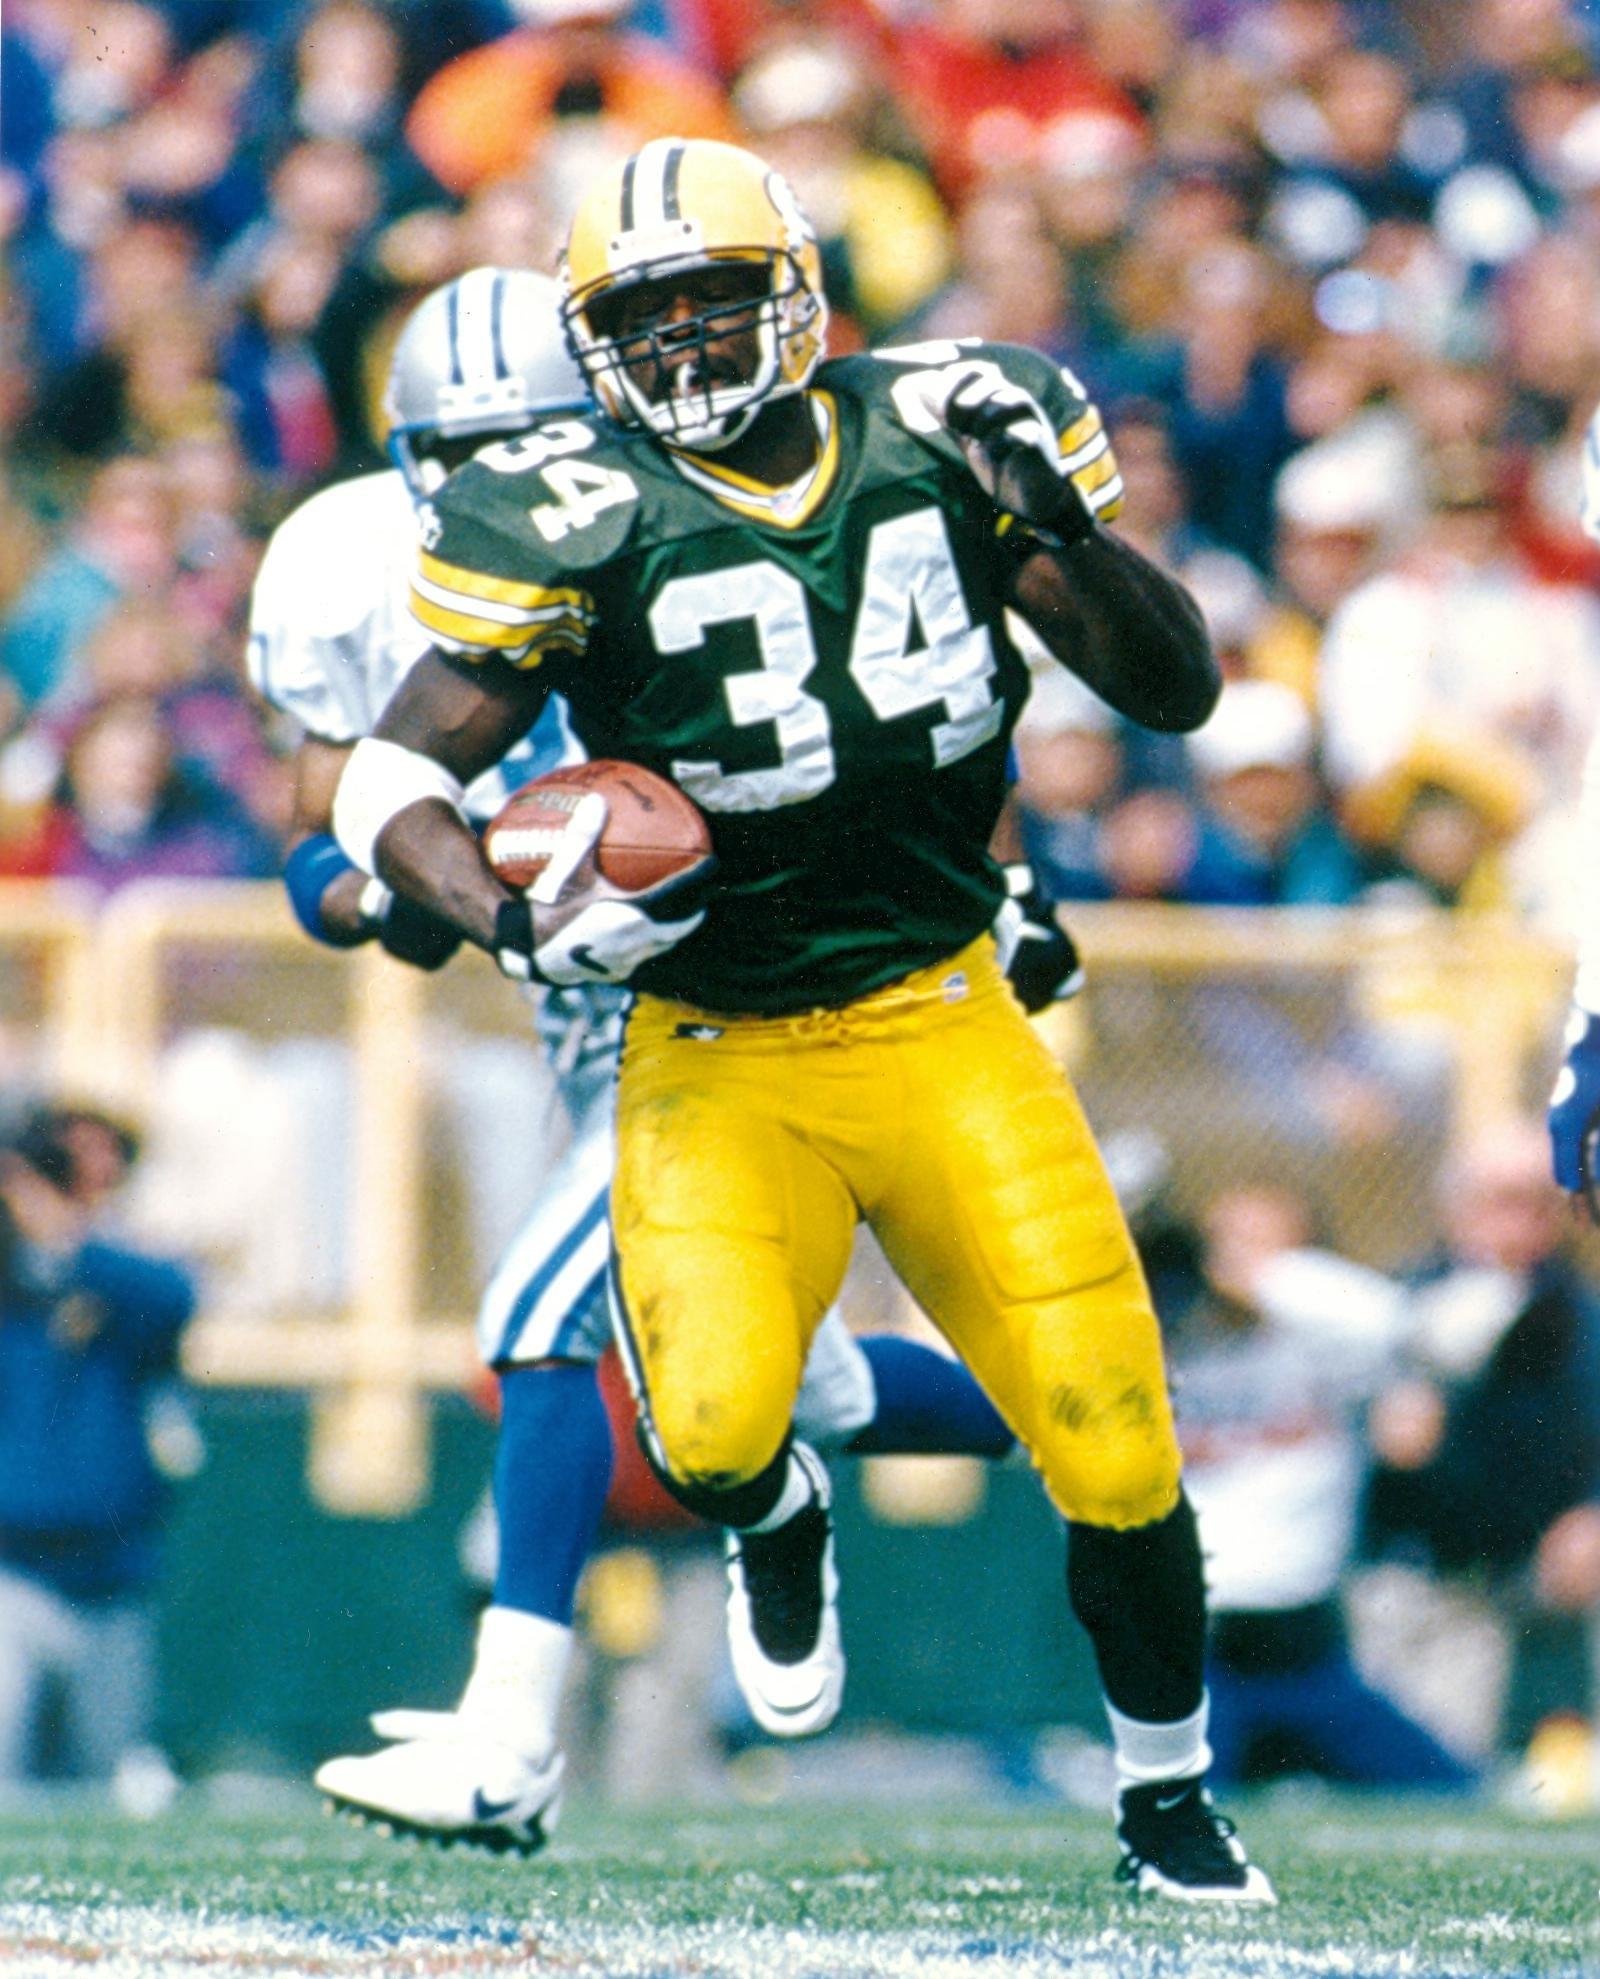 Great Packer Player And Coach Edger Bennett Green Bay Packers Nfl Green Bay Packers Football